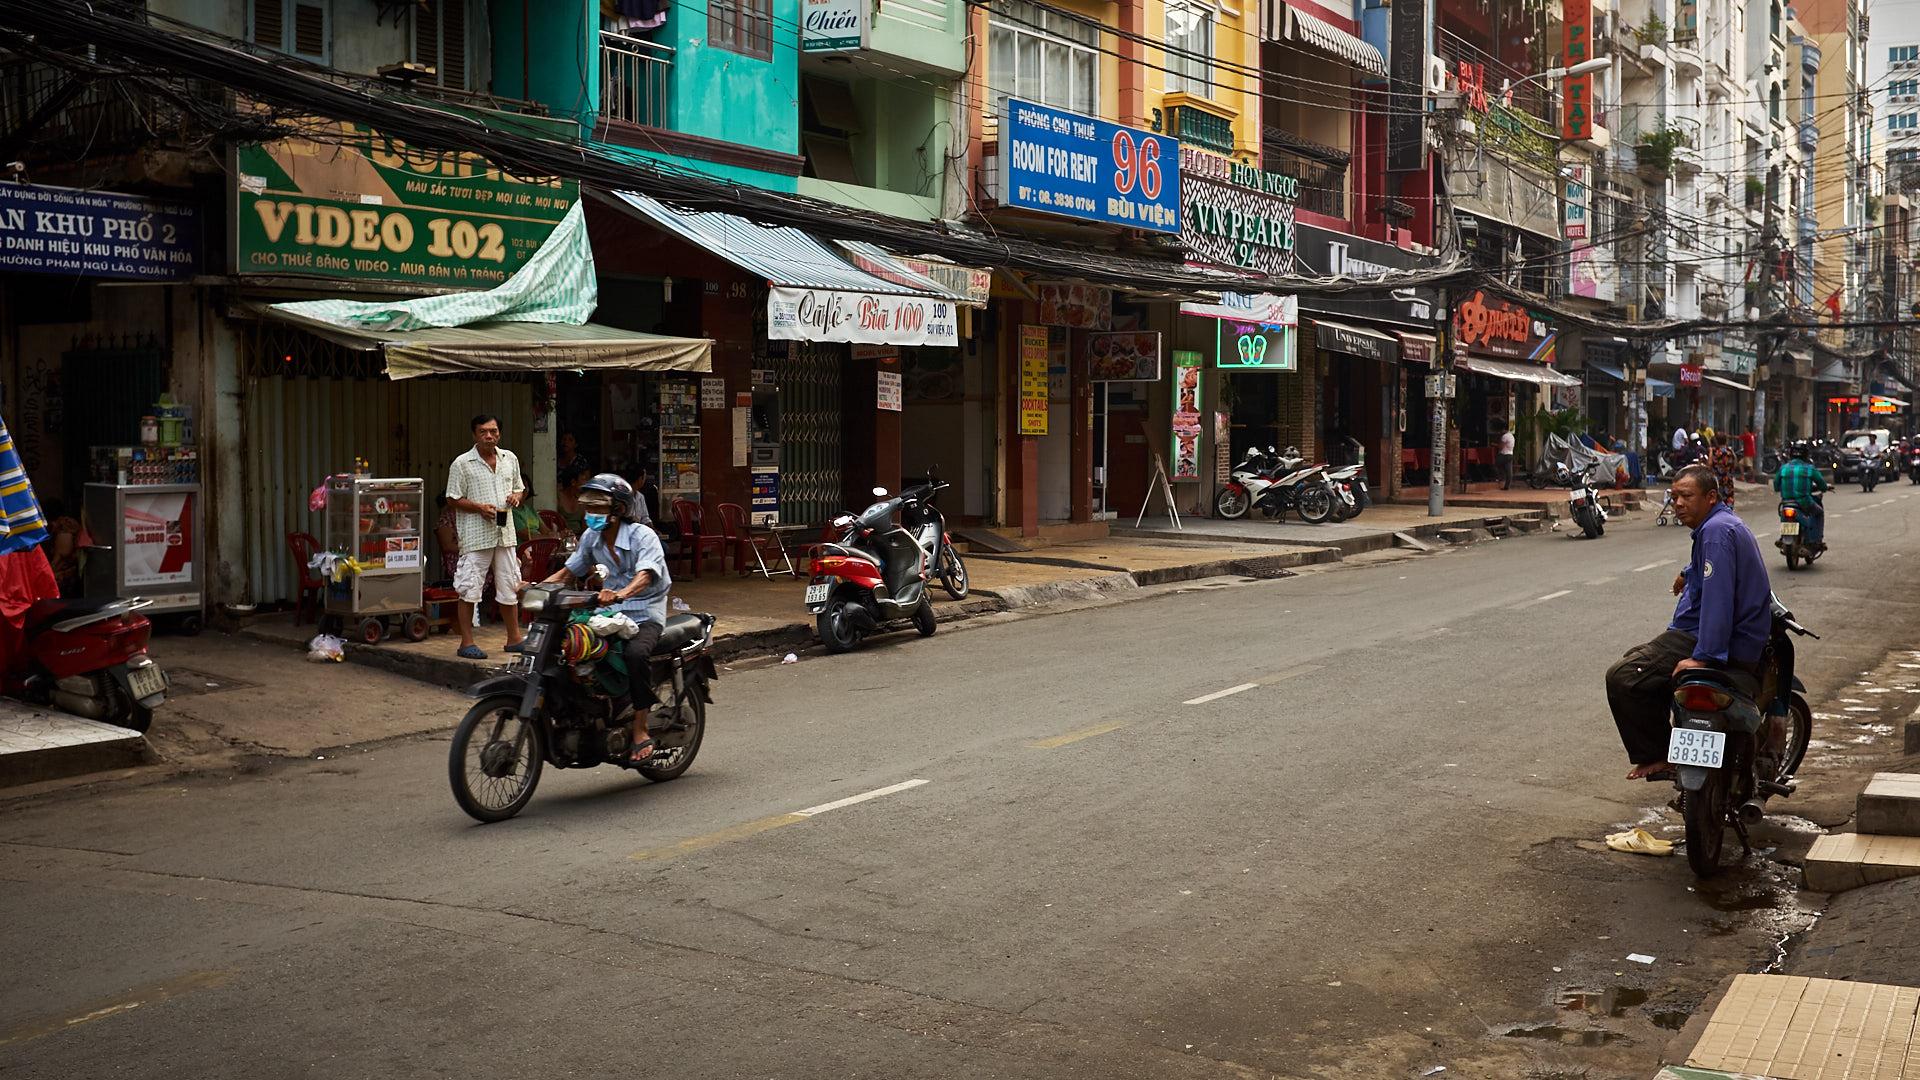 170601-Vietnam-Saigon-0156.jpg